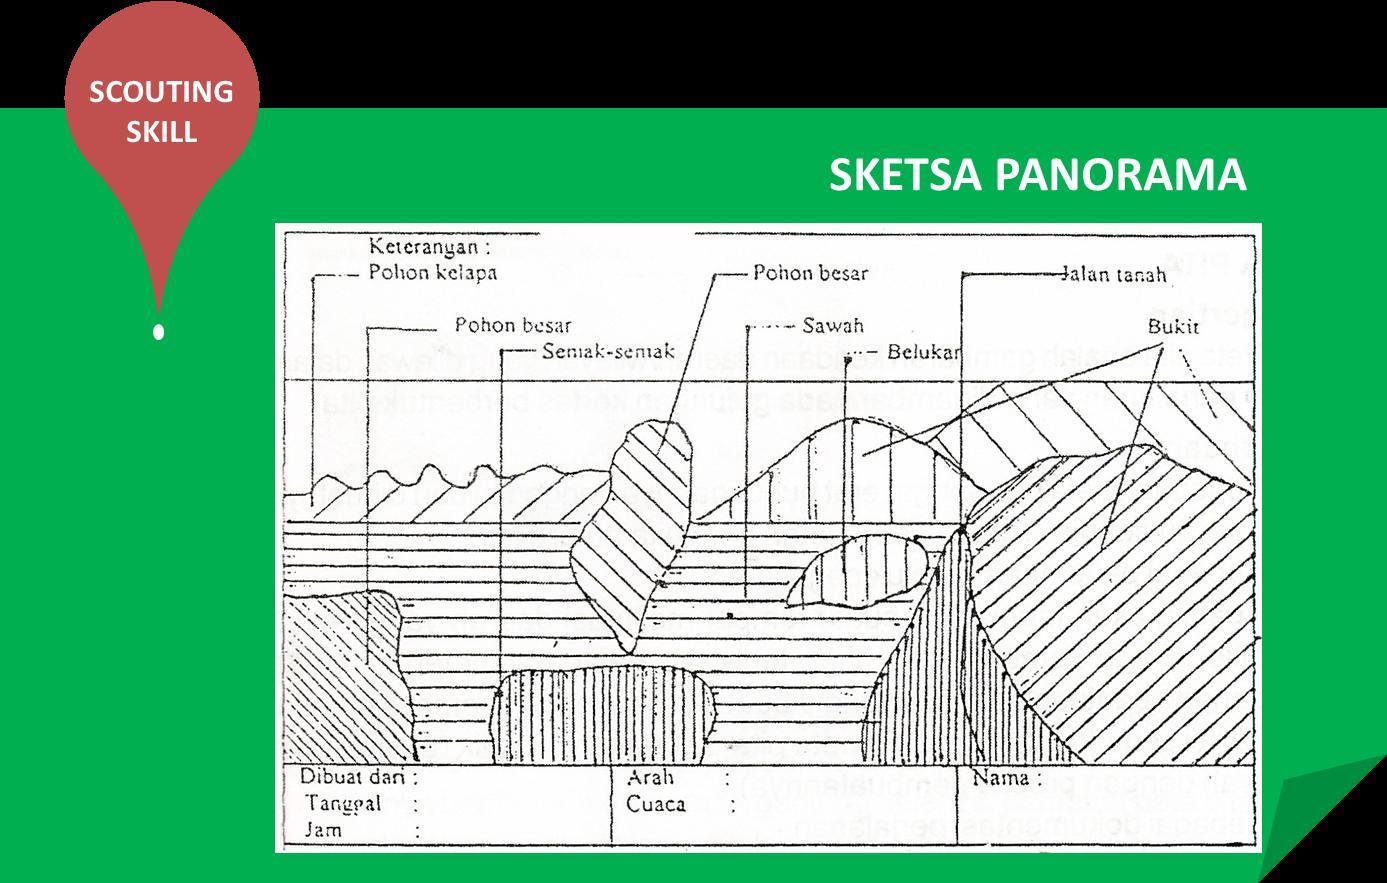 Sejarah Pramuka: Sketsa Panorama (Scouting Skill)